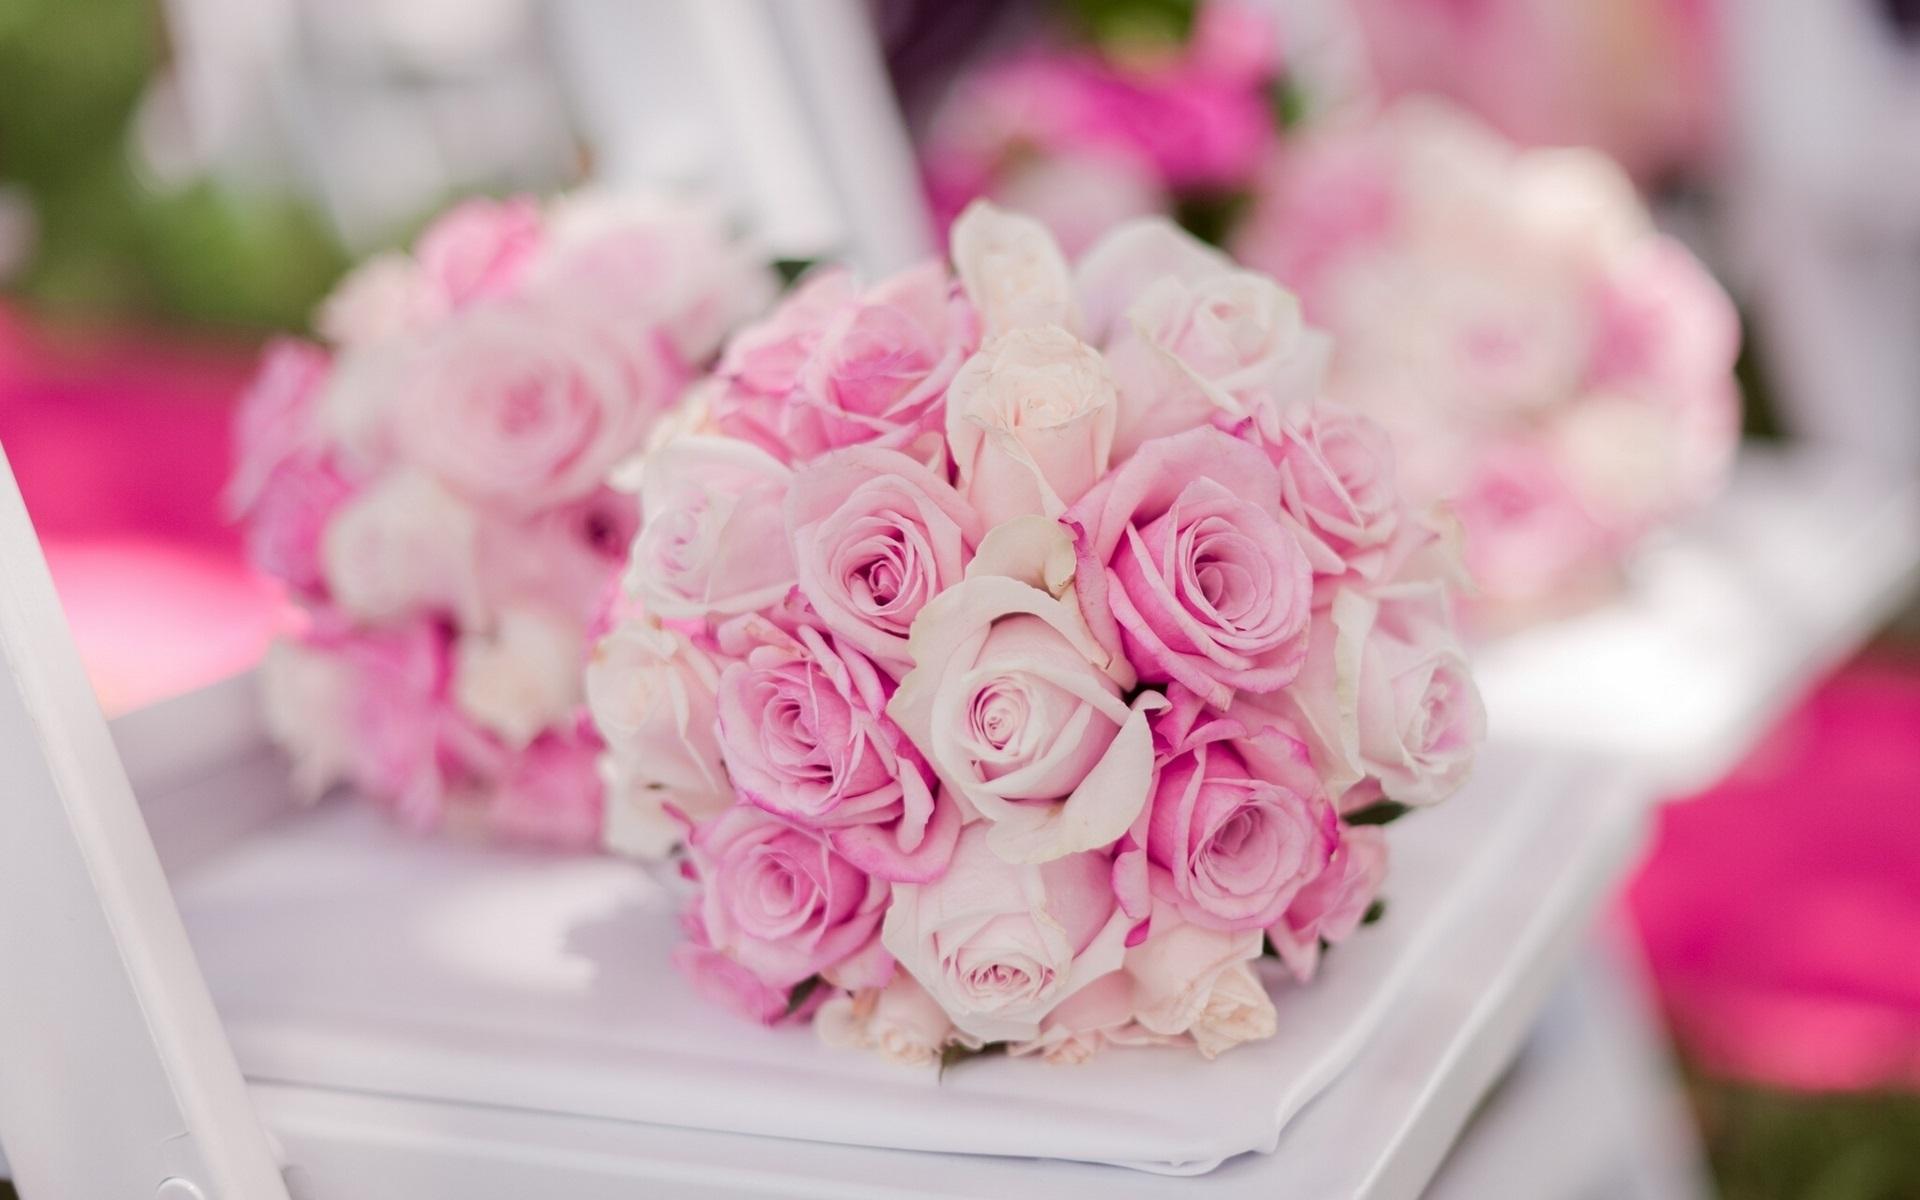 壁紙 ブライダルブーケ ピンクのバラ 1920x1200 Hd 無料の